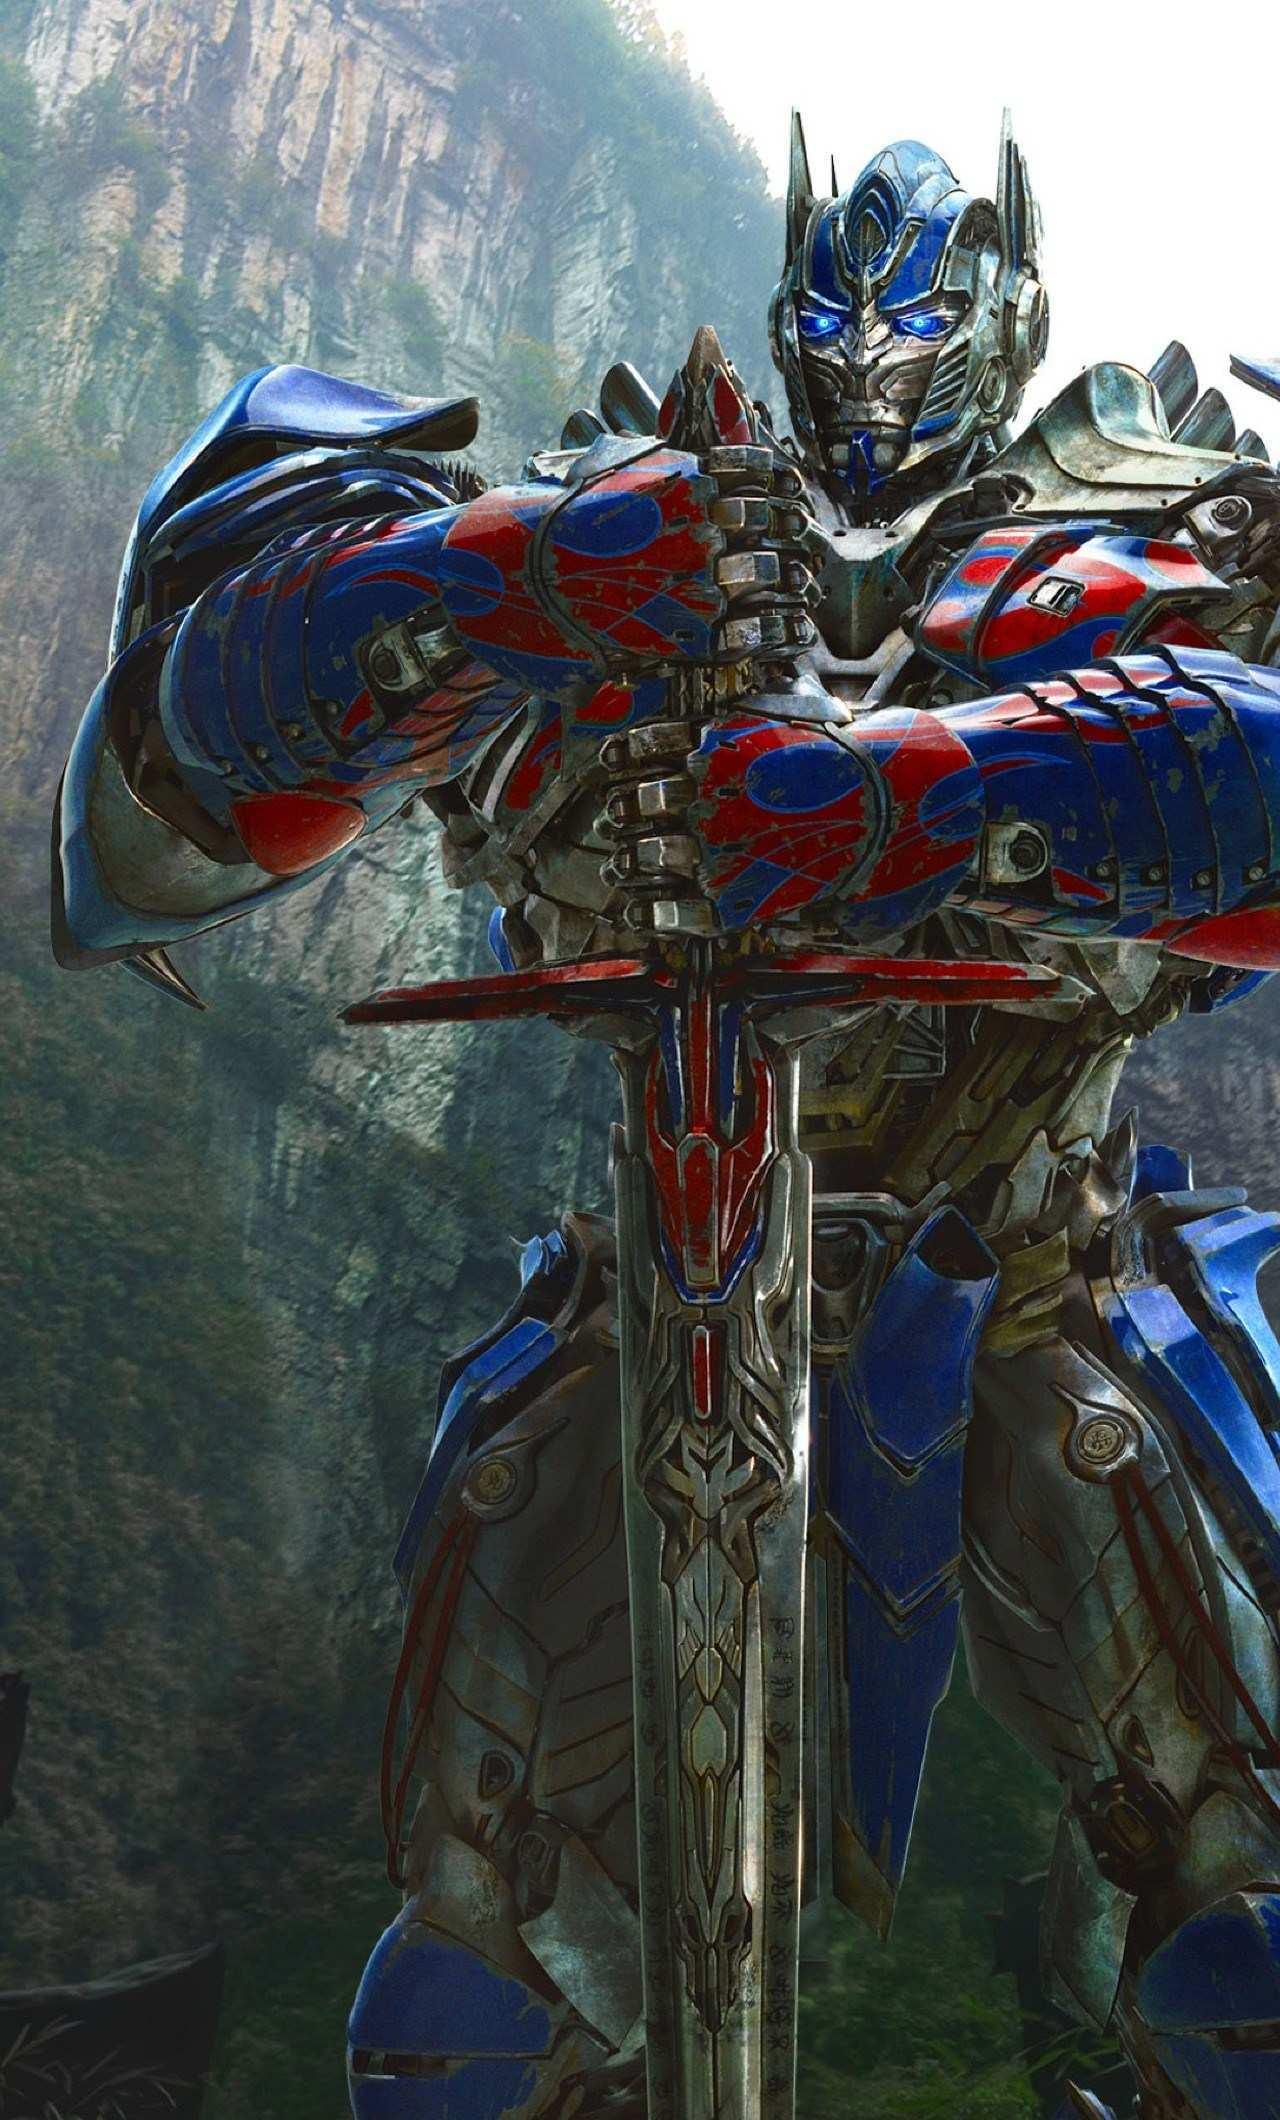 Optimus Prime In Transformers Full Hd 2k Wallpaper - Transformers Movies , HD Wallpaper & Backgrounds